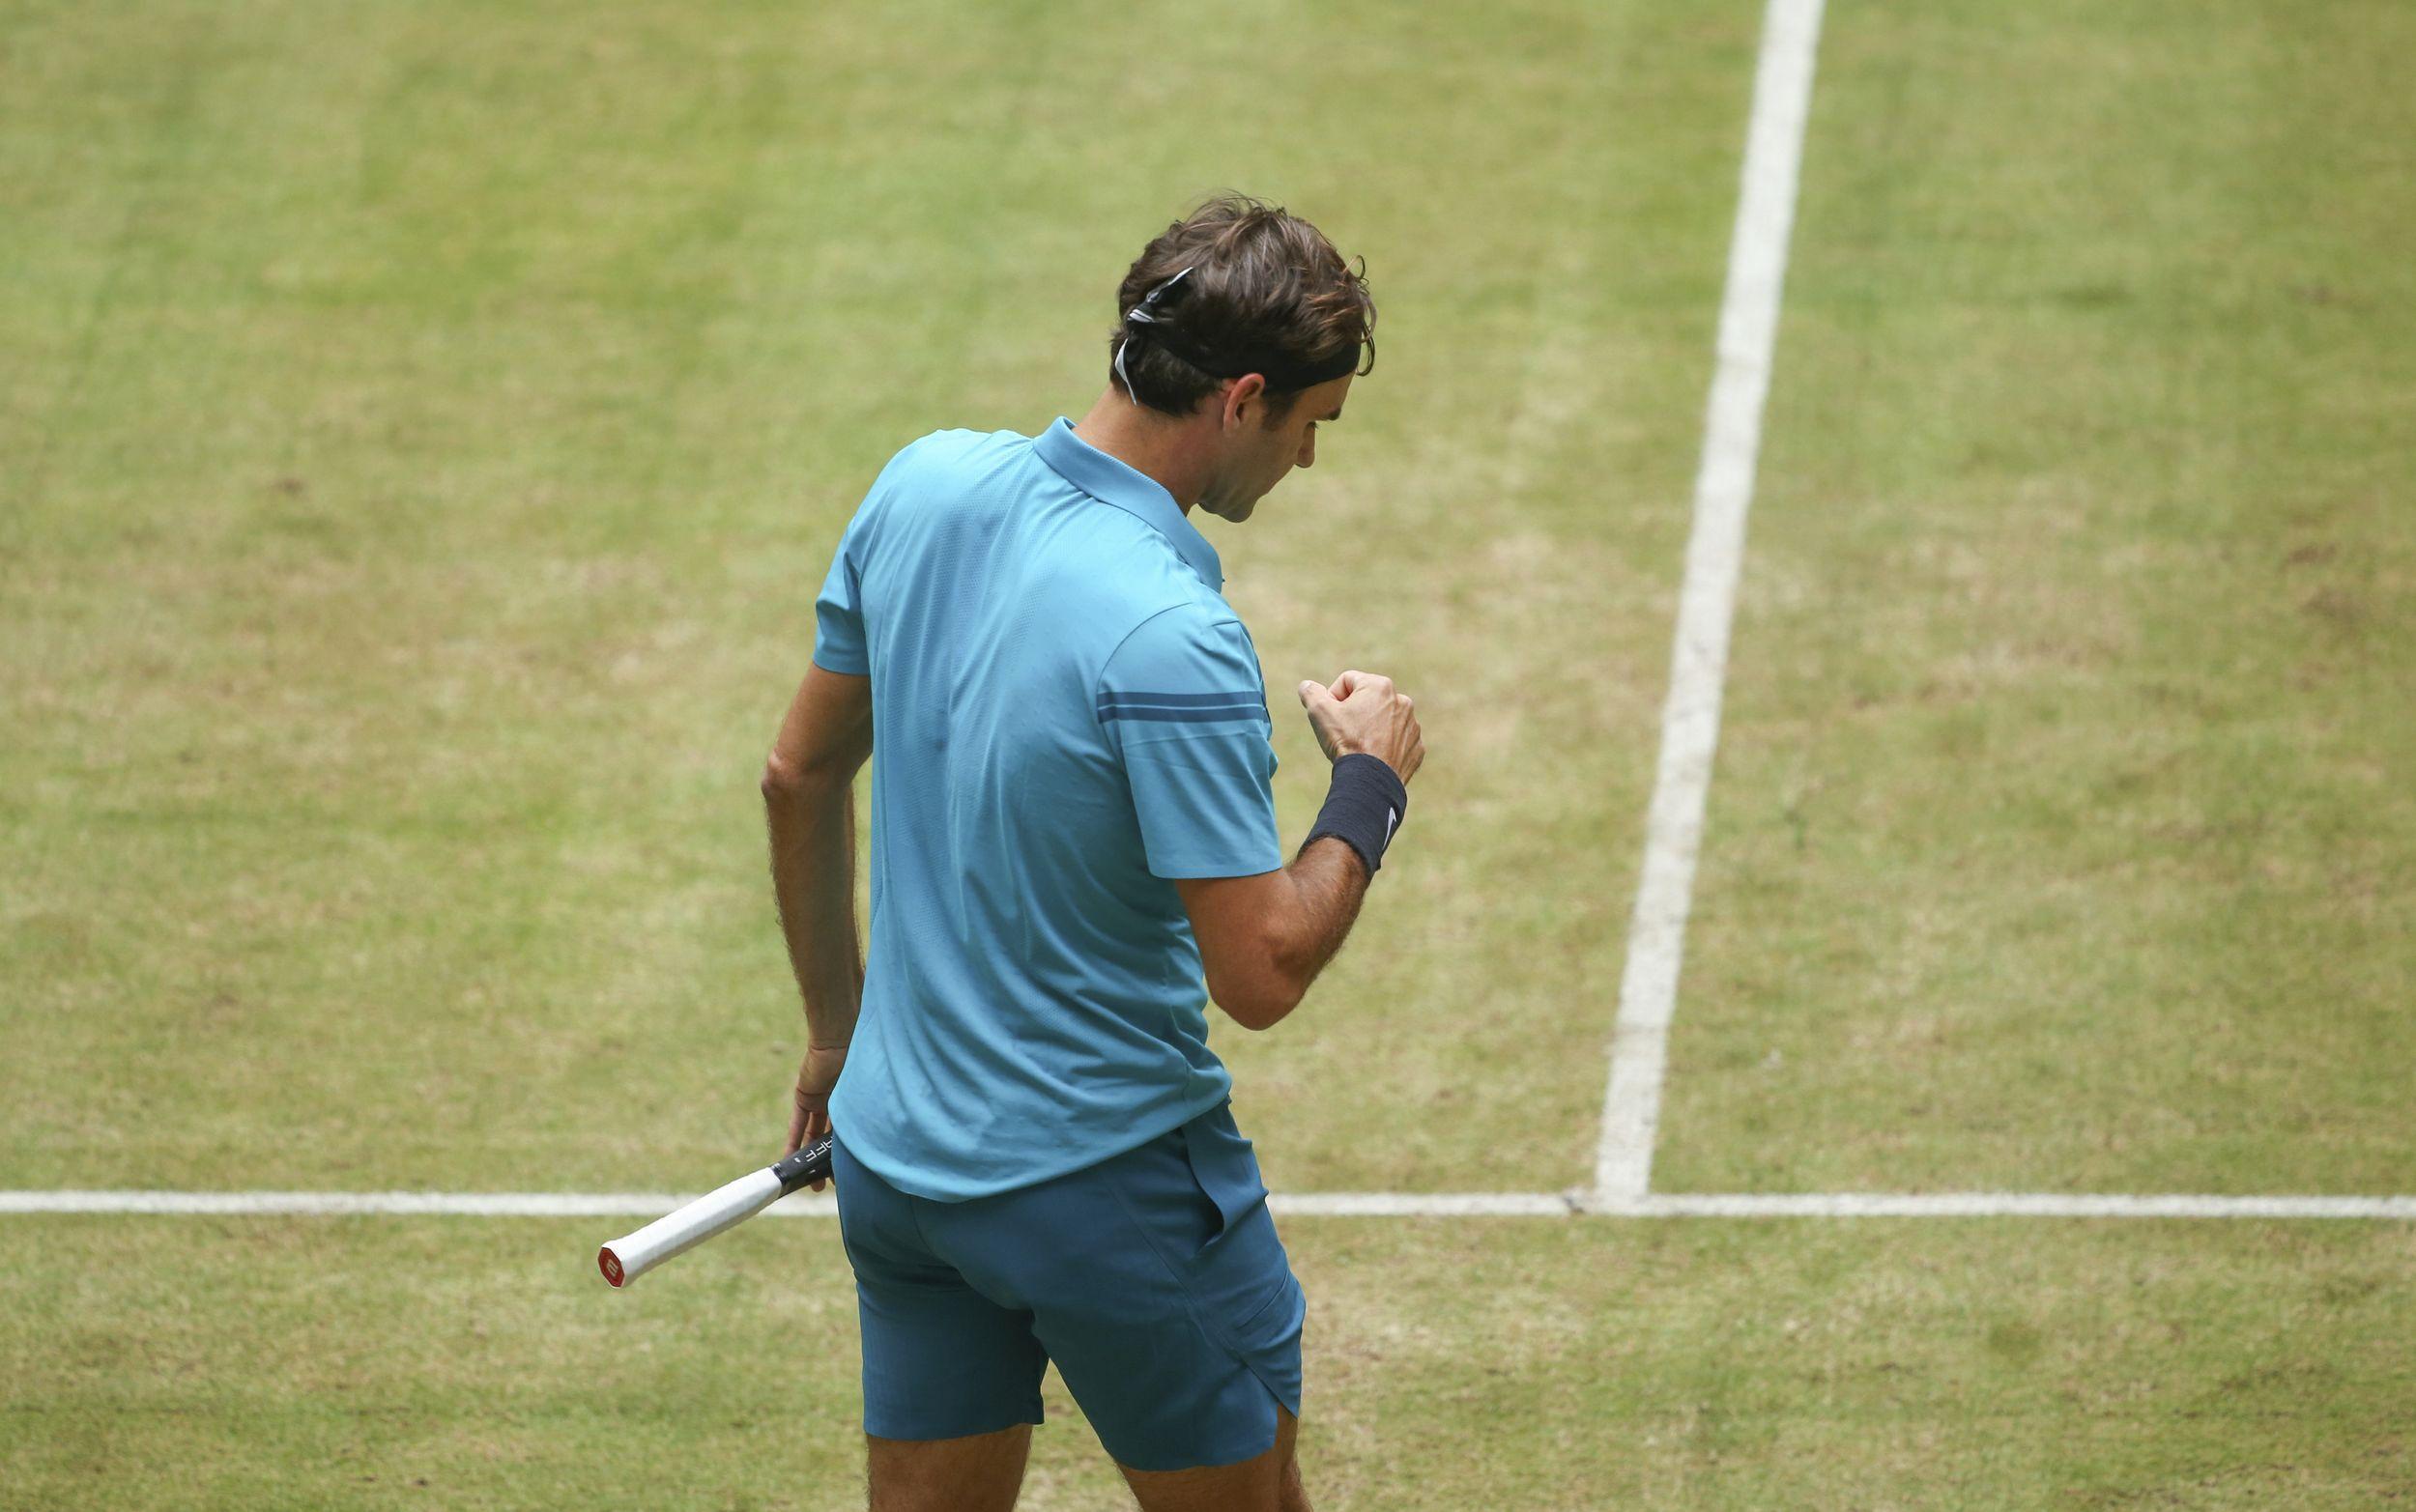 Tennis - ATP - Halle : Federer en finale, comme prévu